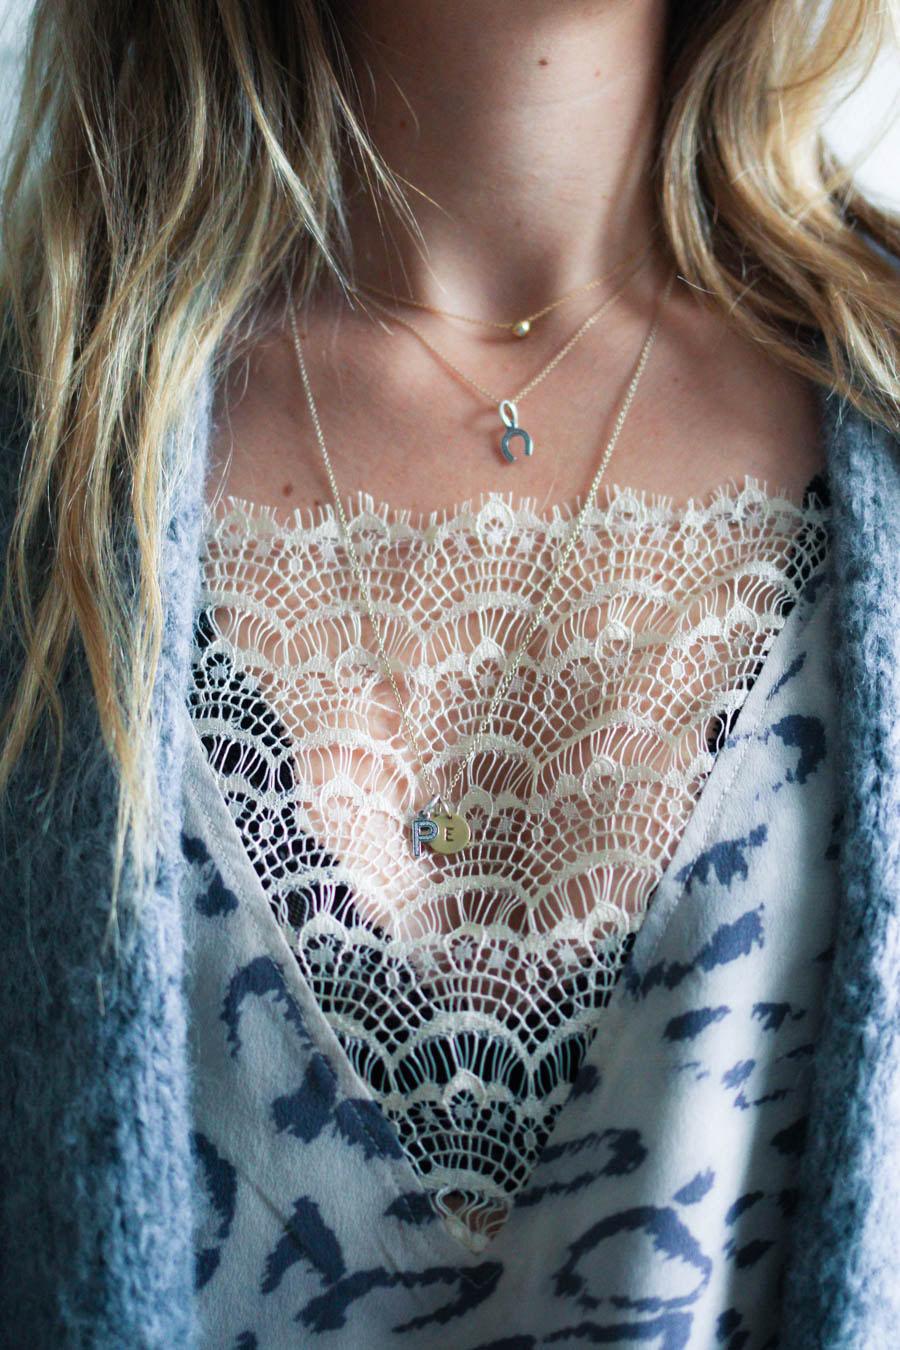 Emily Salomon blog photos by Marie My pandora jewelry Nemesis Babe-13